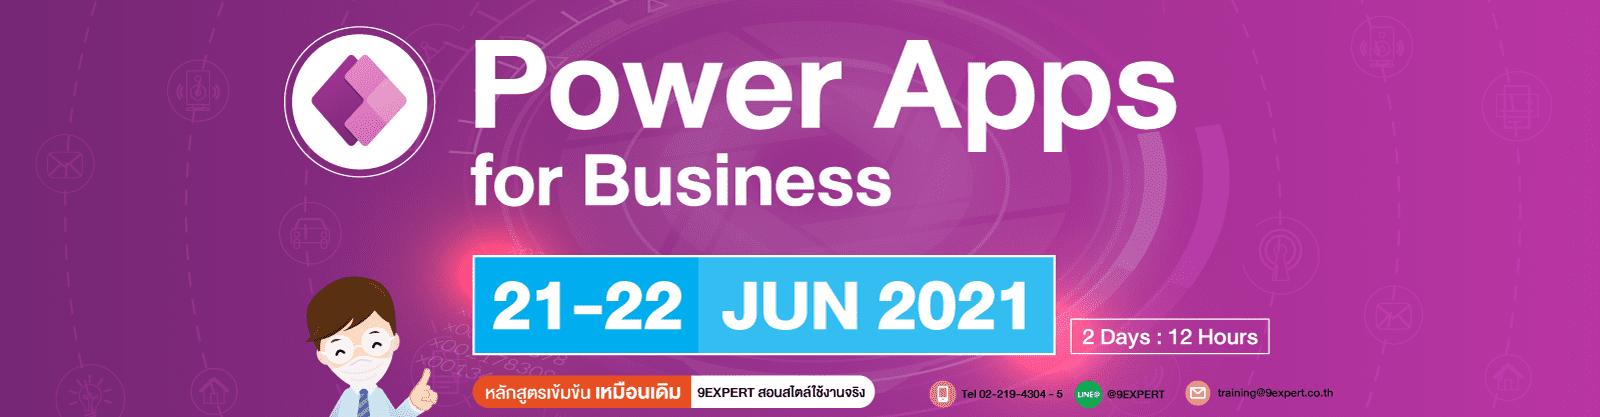 หลักสูตร Power Apps for Business (2Days) 21-22 มิถุนายน 2564